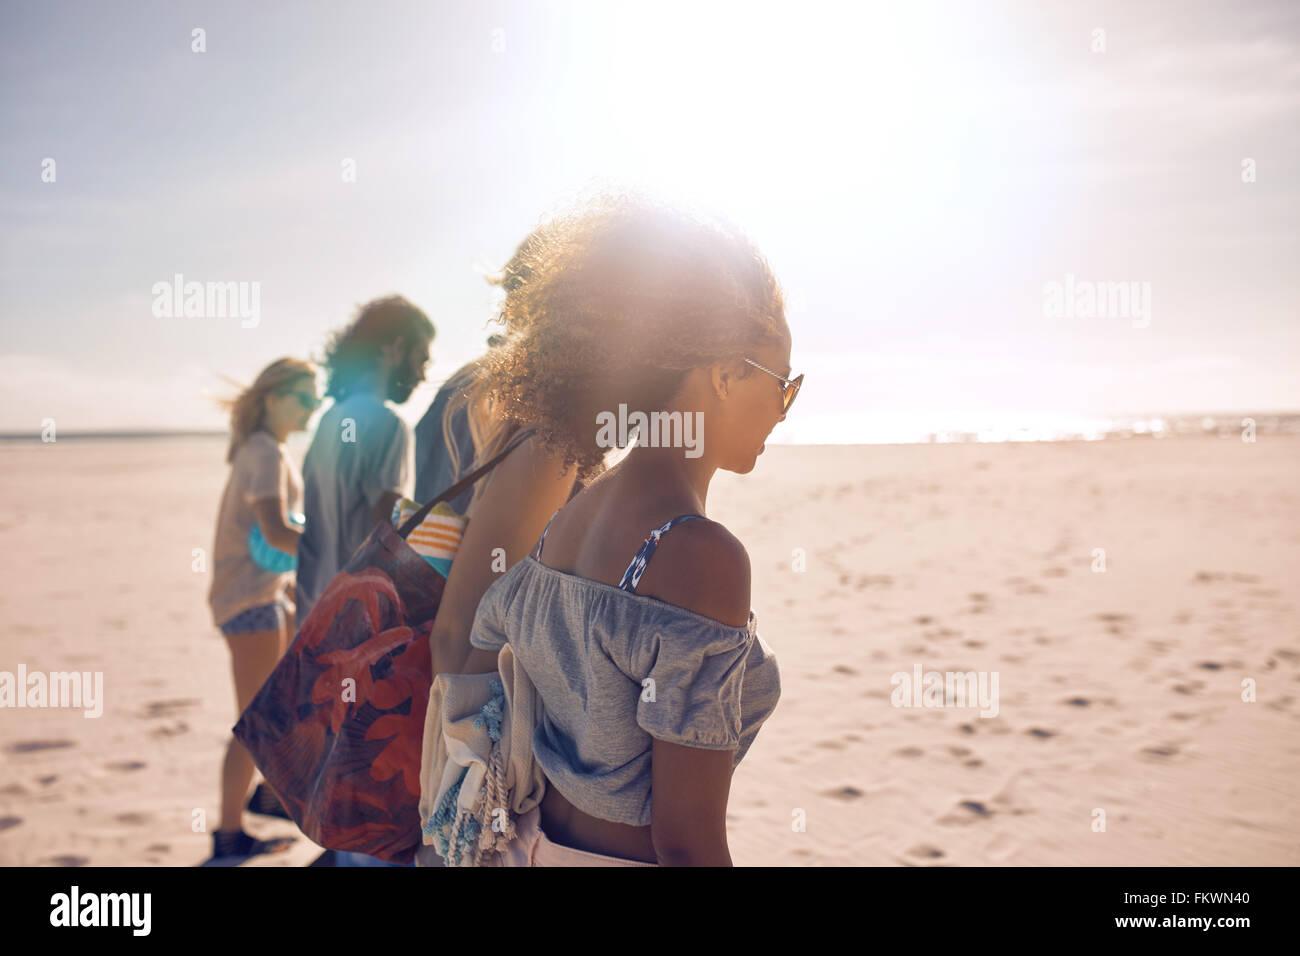 Aufnahme einer Gruppe von jungen Freunden an einem sonnigen Tag am Strand entlang spazieren. Männer und Frauen, die Sommer-Urlaub am Strand. Stockfoto